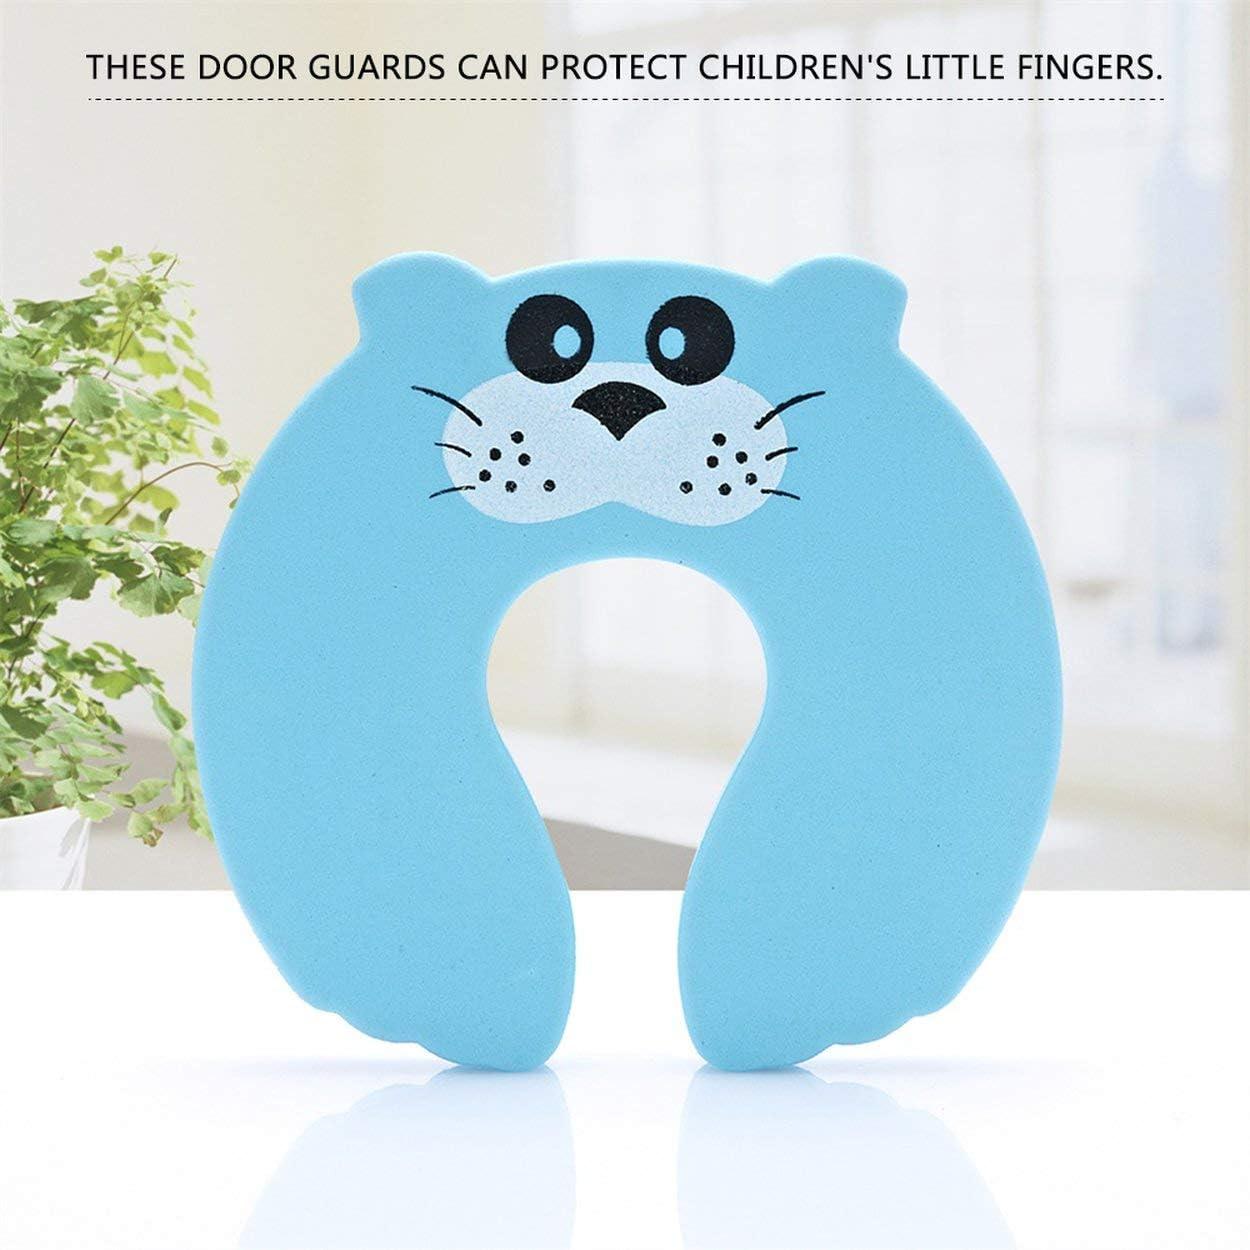 Lorenlli 2Pcs Kids Baby Cartoon Animal Jammers Stop Door for Children Guards Door Stopper Holder lock Safety Finger Protector